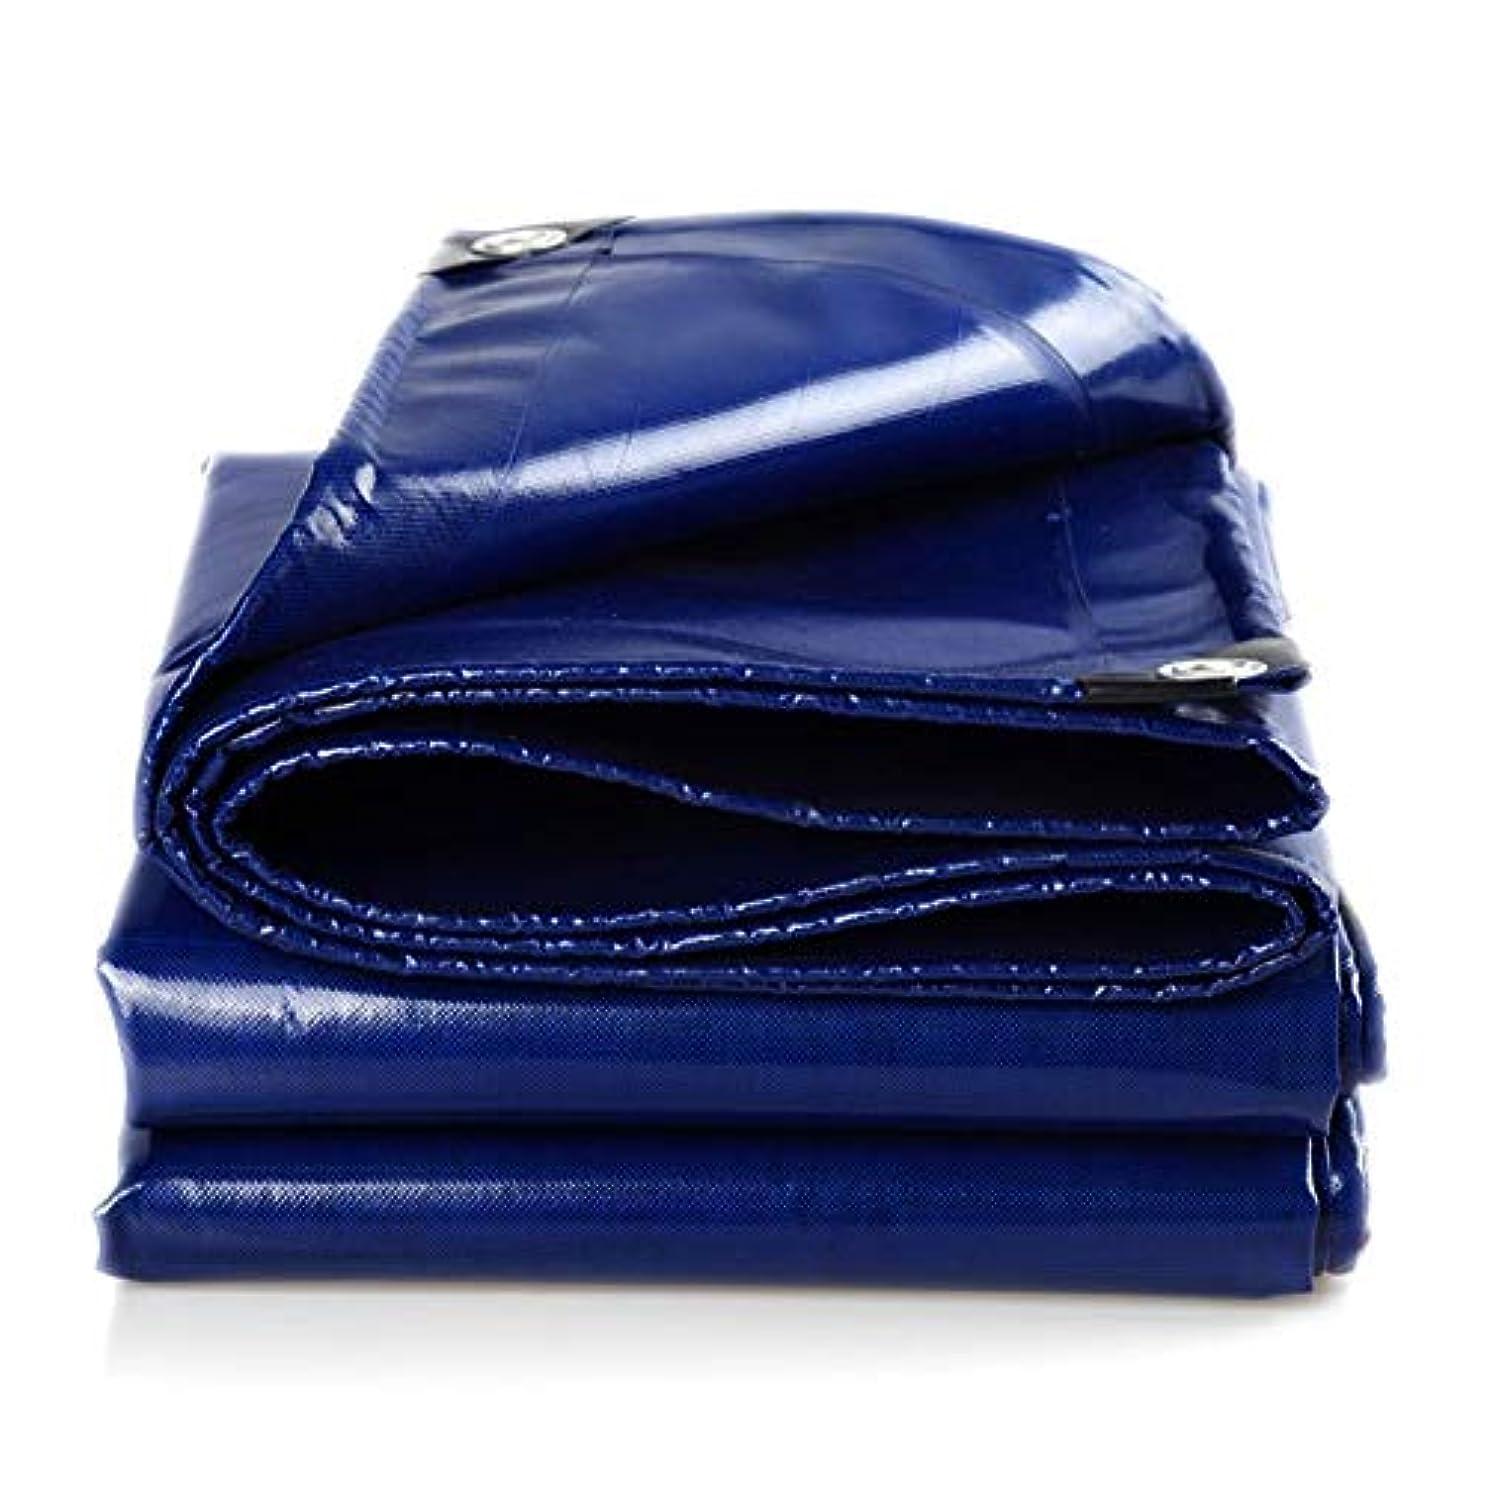 年血まみれのベスビオ山防水シートリノリウム 丈夫な防水ターポリン、高強度絹キャンバス、屋外キャンバス、両面防水、厚さ0.6 Mm、平方メートル当たりの重量400 G ZHANGQIANG (色 : 青, サイズ さいず : 3*4m)